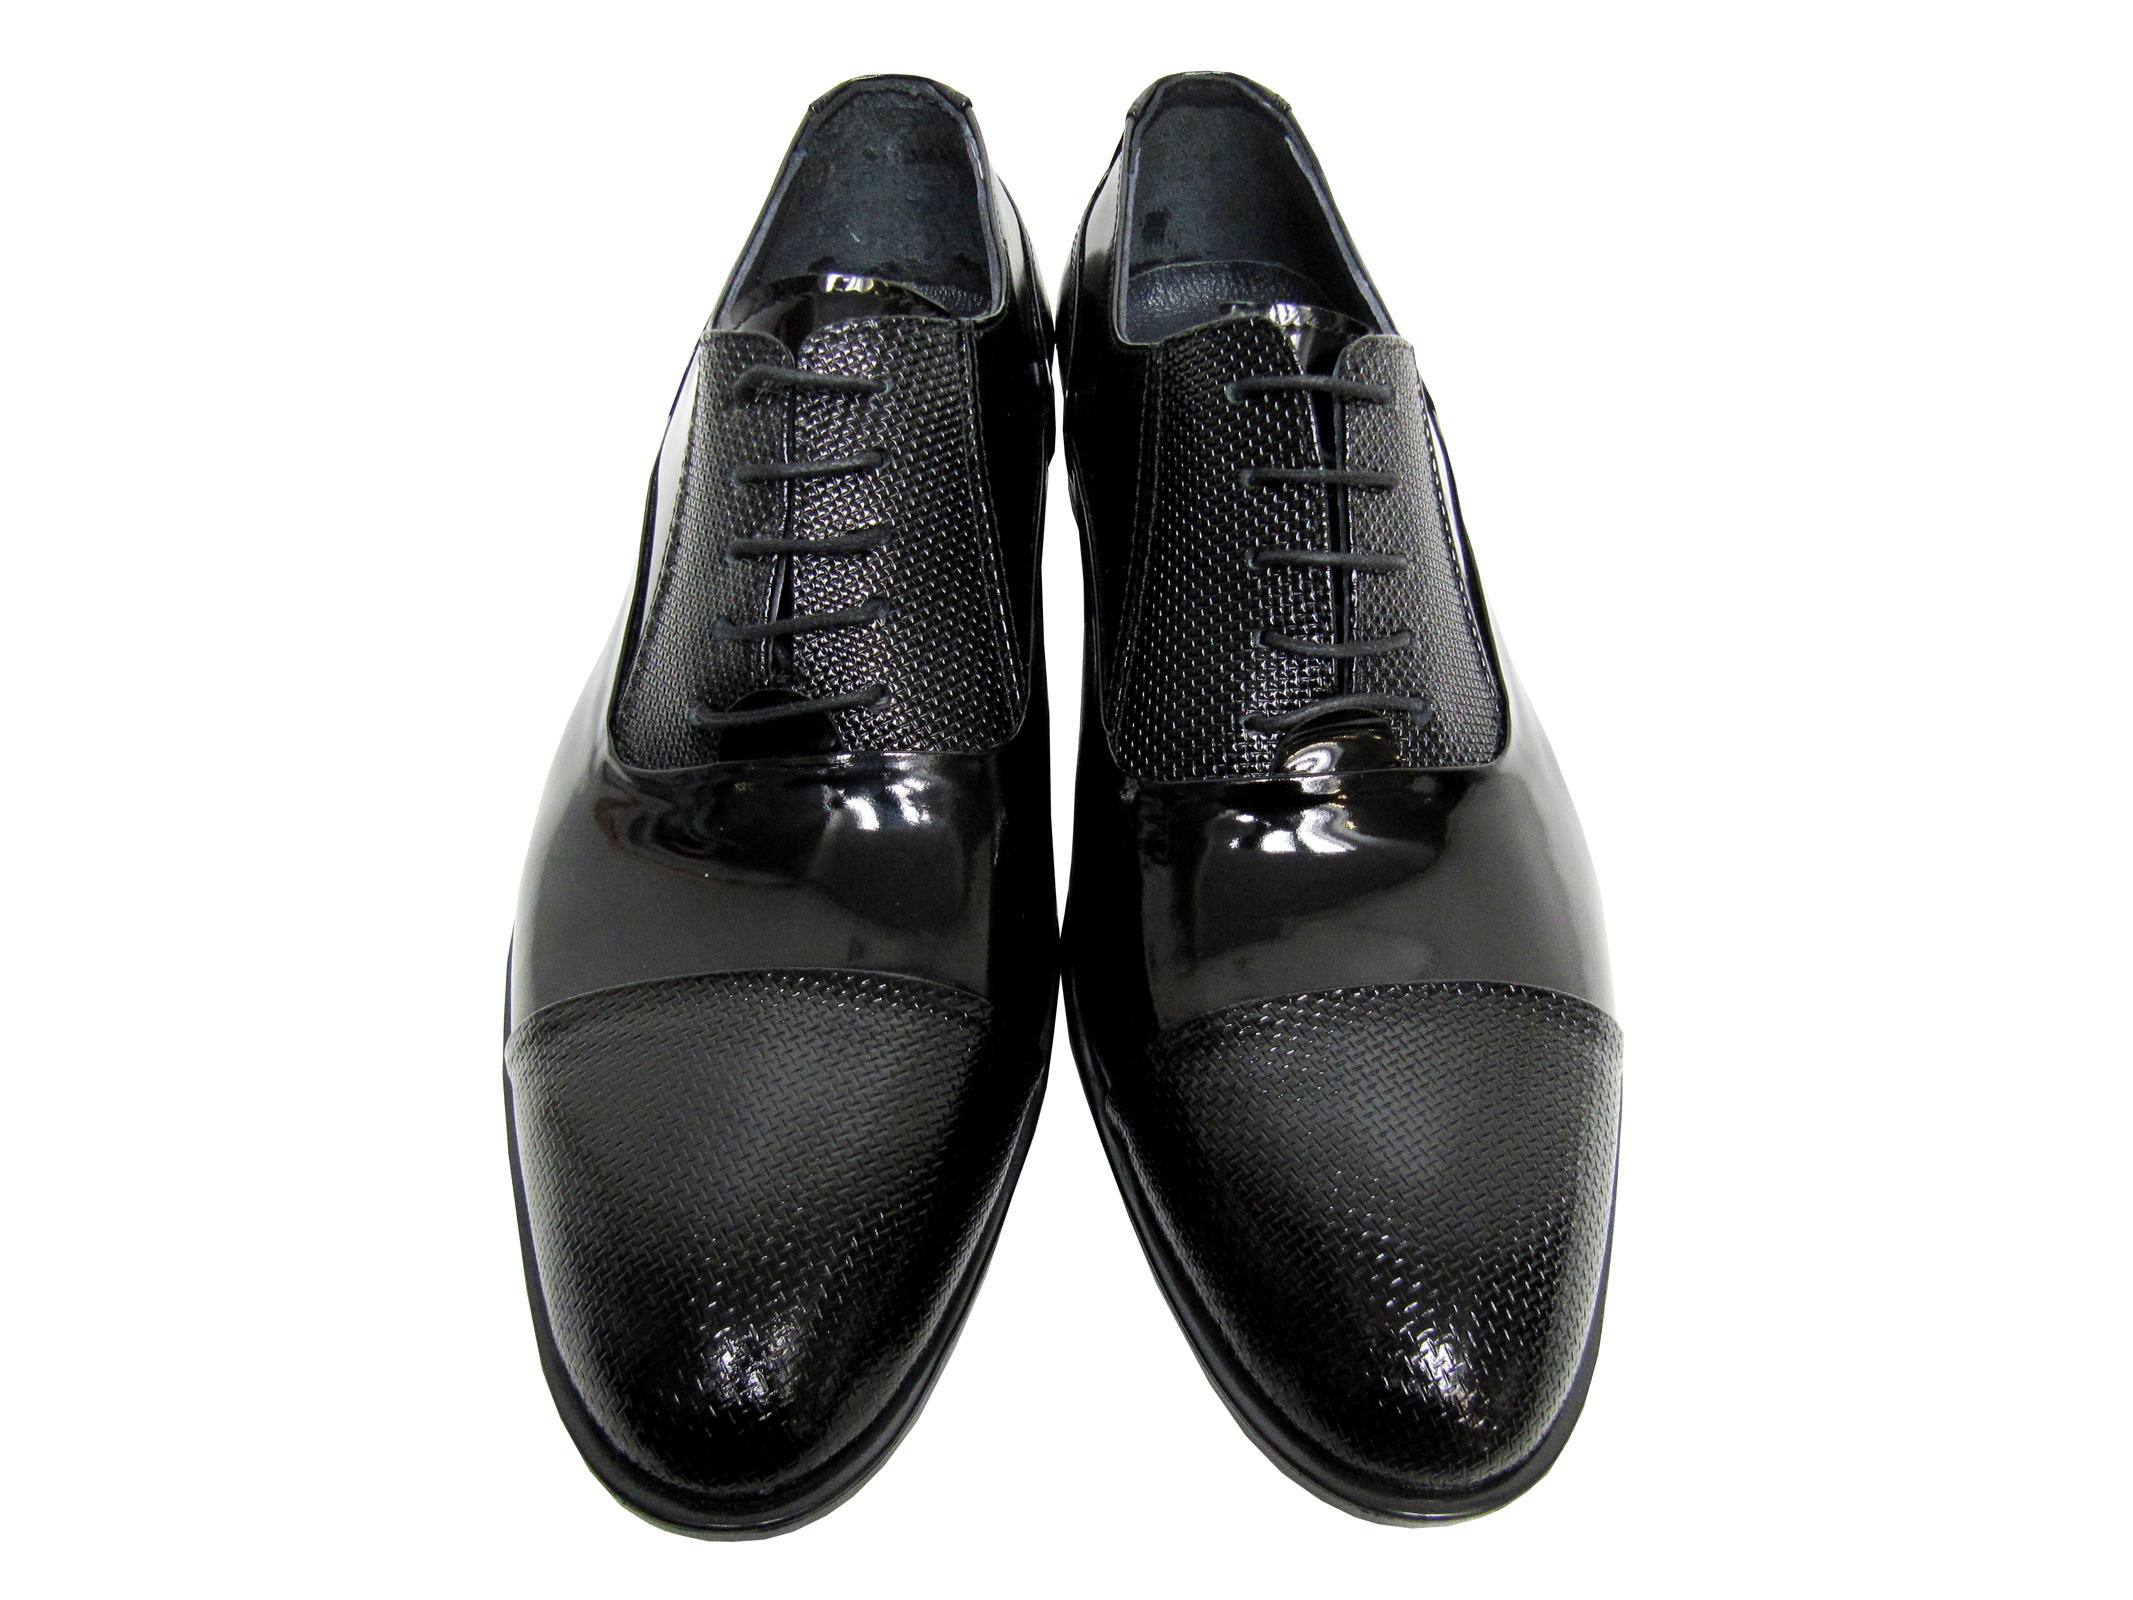 Herren Schuh in Lacklederoptik 245655 in Schwarz 38